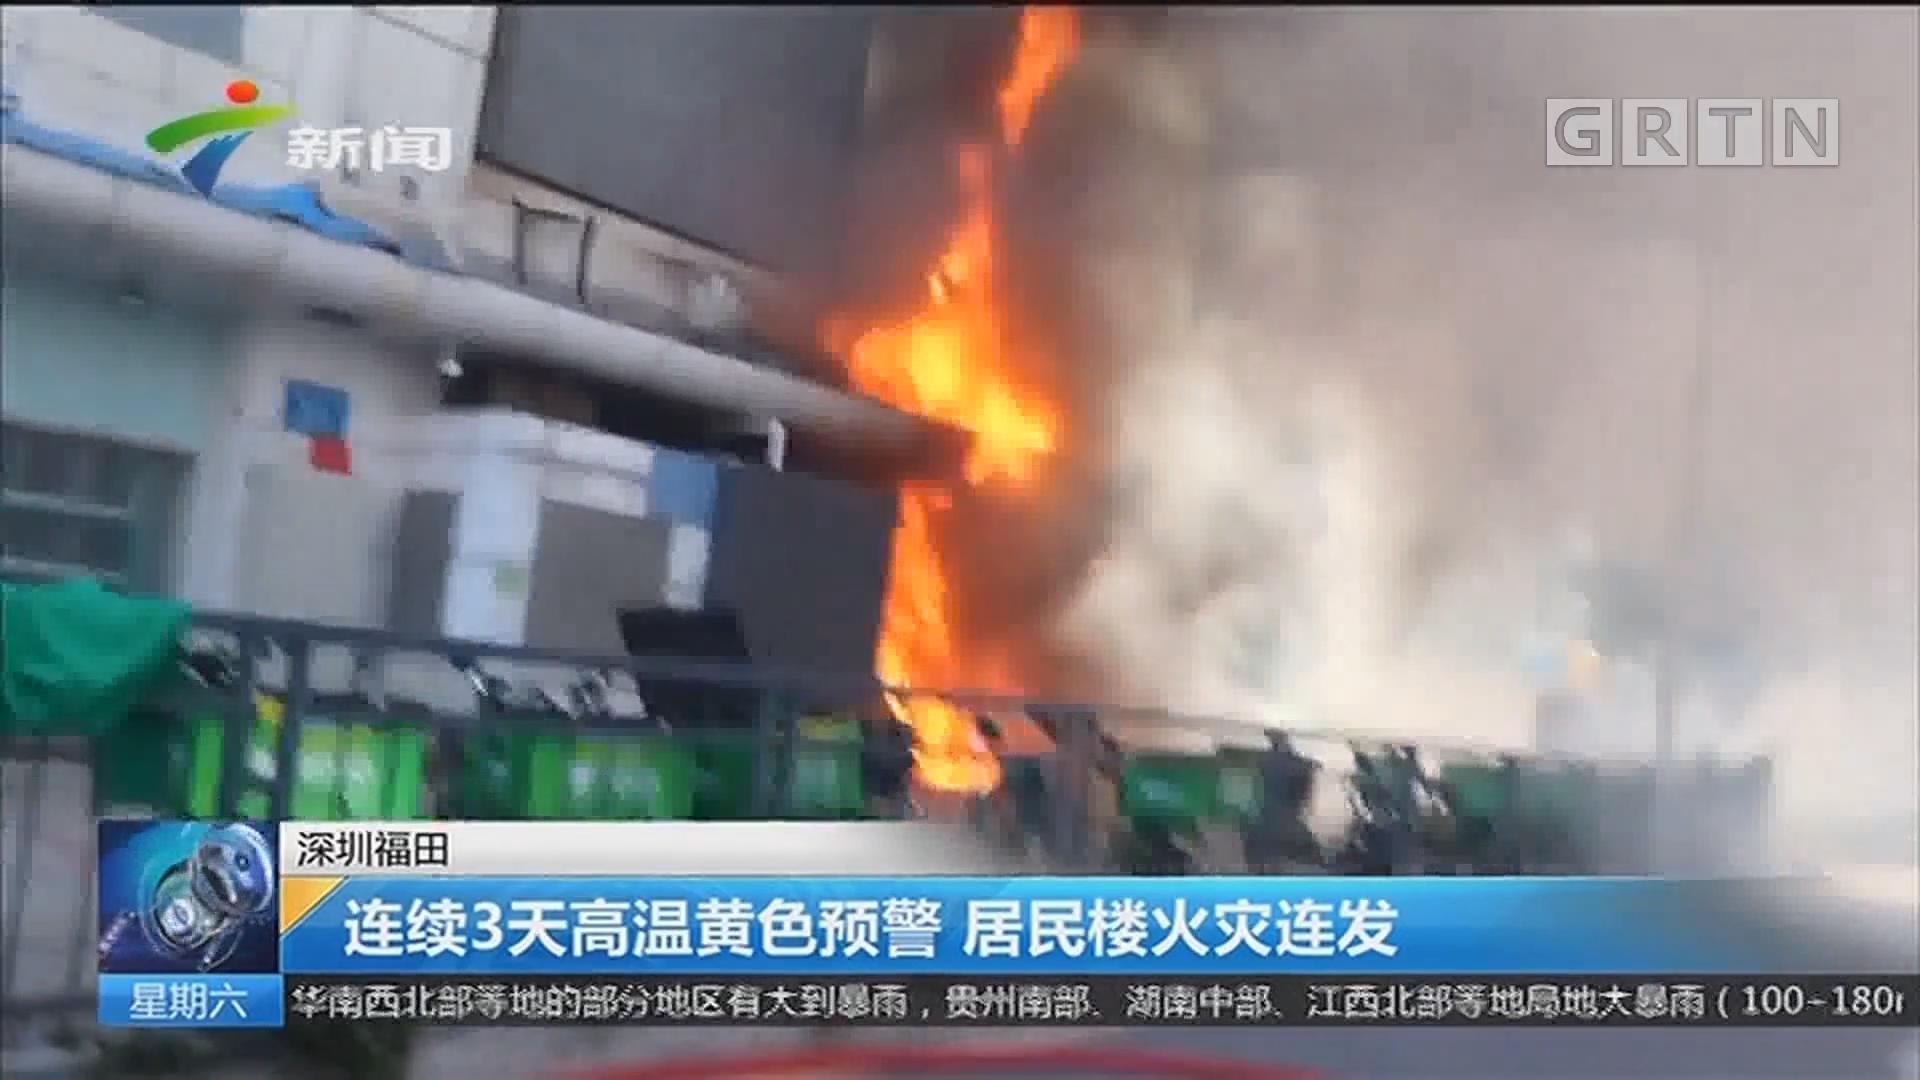 深圳福田:连续3天高温黄色预警 居民楼火灾连发